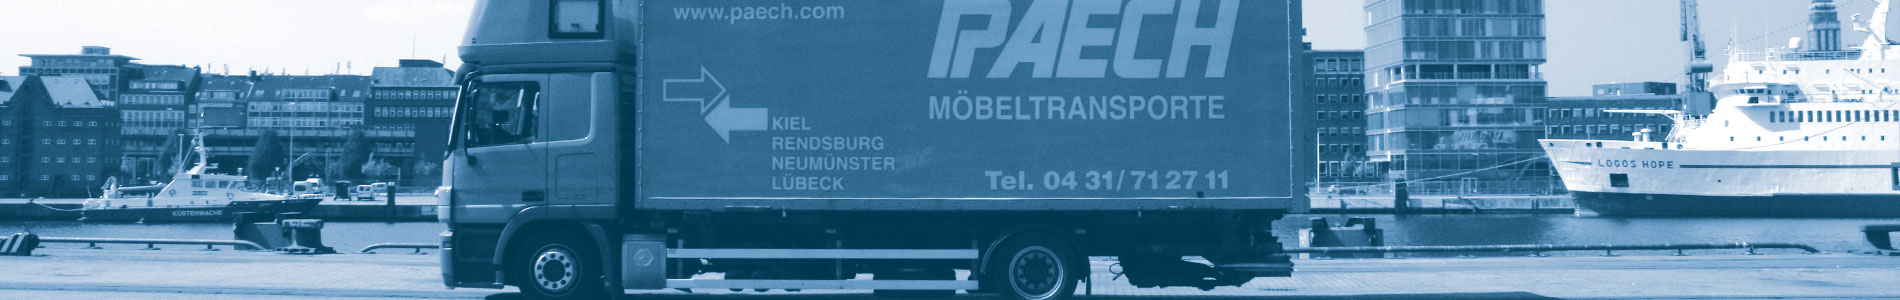 Ute Paech GmbH & Co. KG - Service und mehr